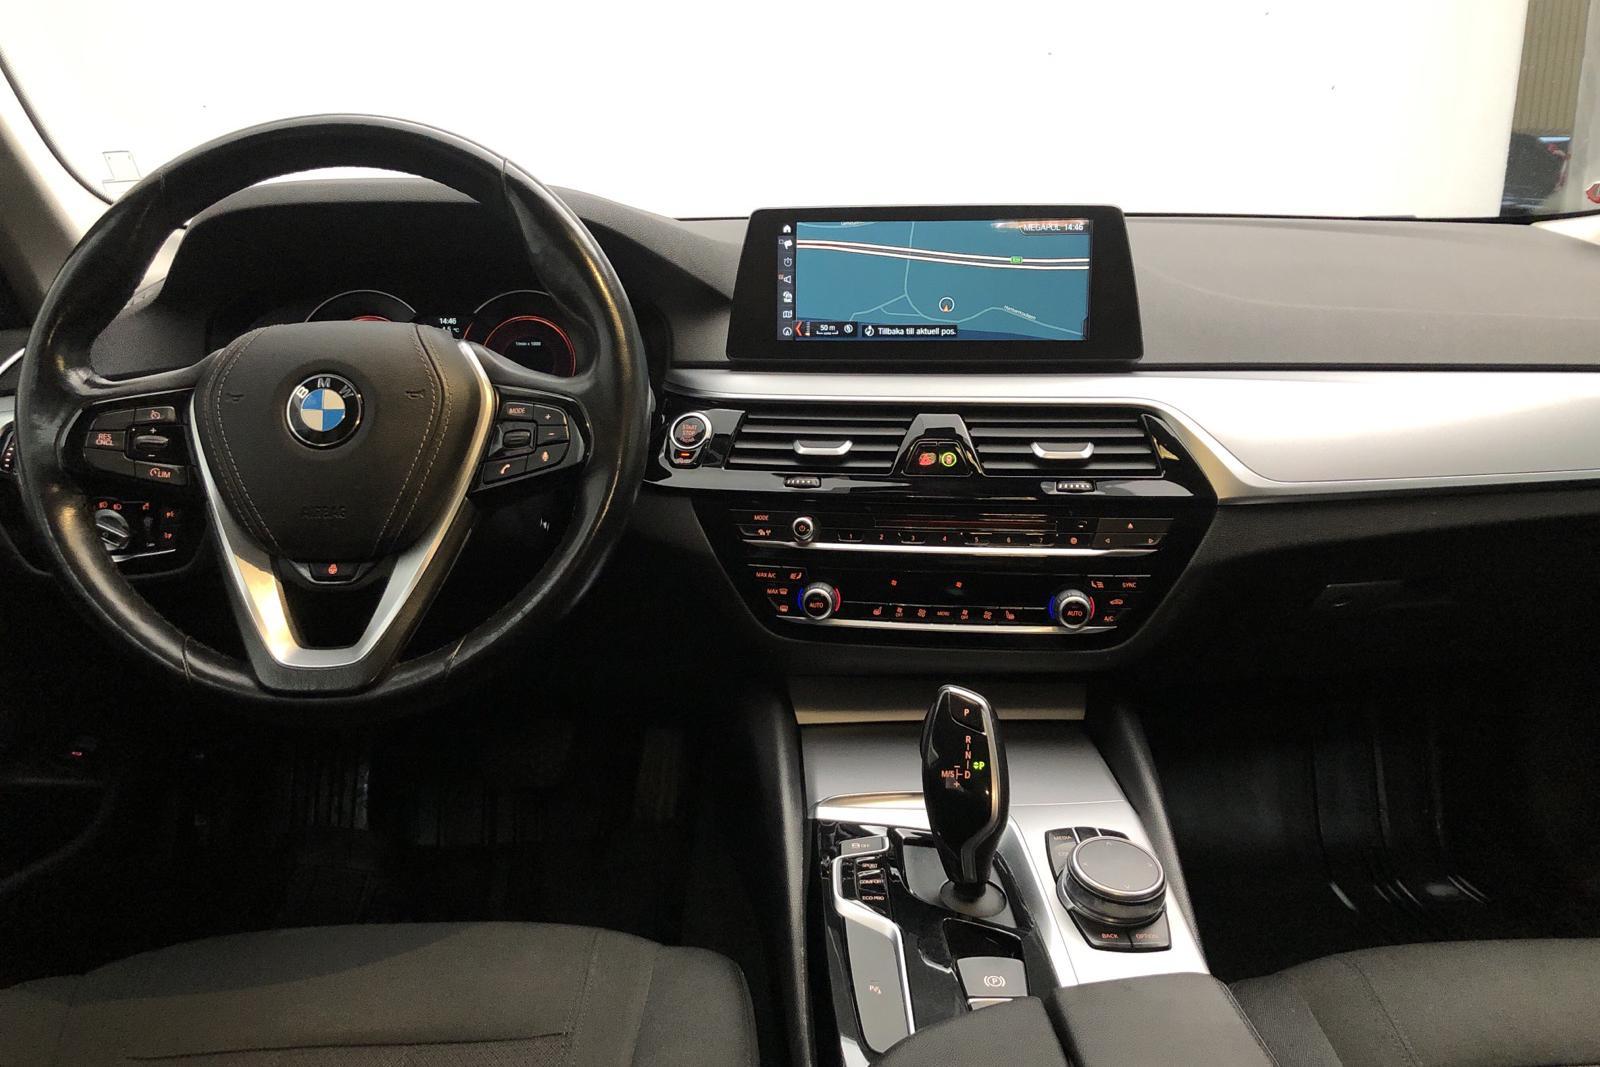 BMW 520d xDrive Touring, G31 (190hk) - 118 290 km - Automatic - blue - 2018